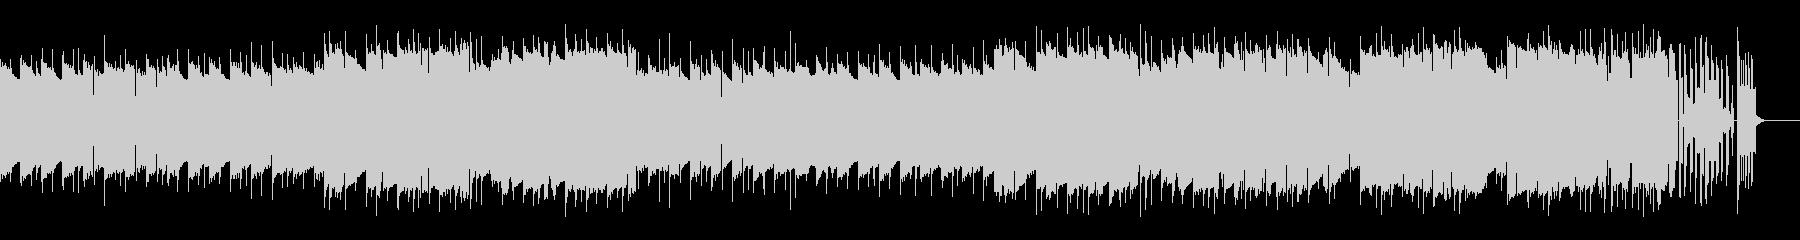 レトロゲーム風BGM(ダンジョン、緊張)の未再生の波形